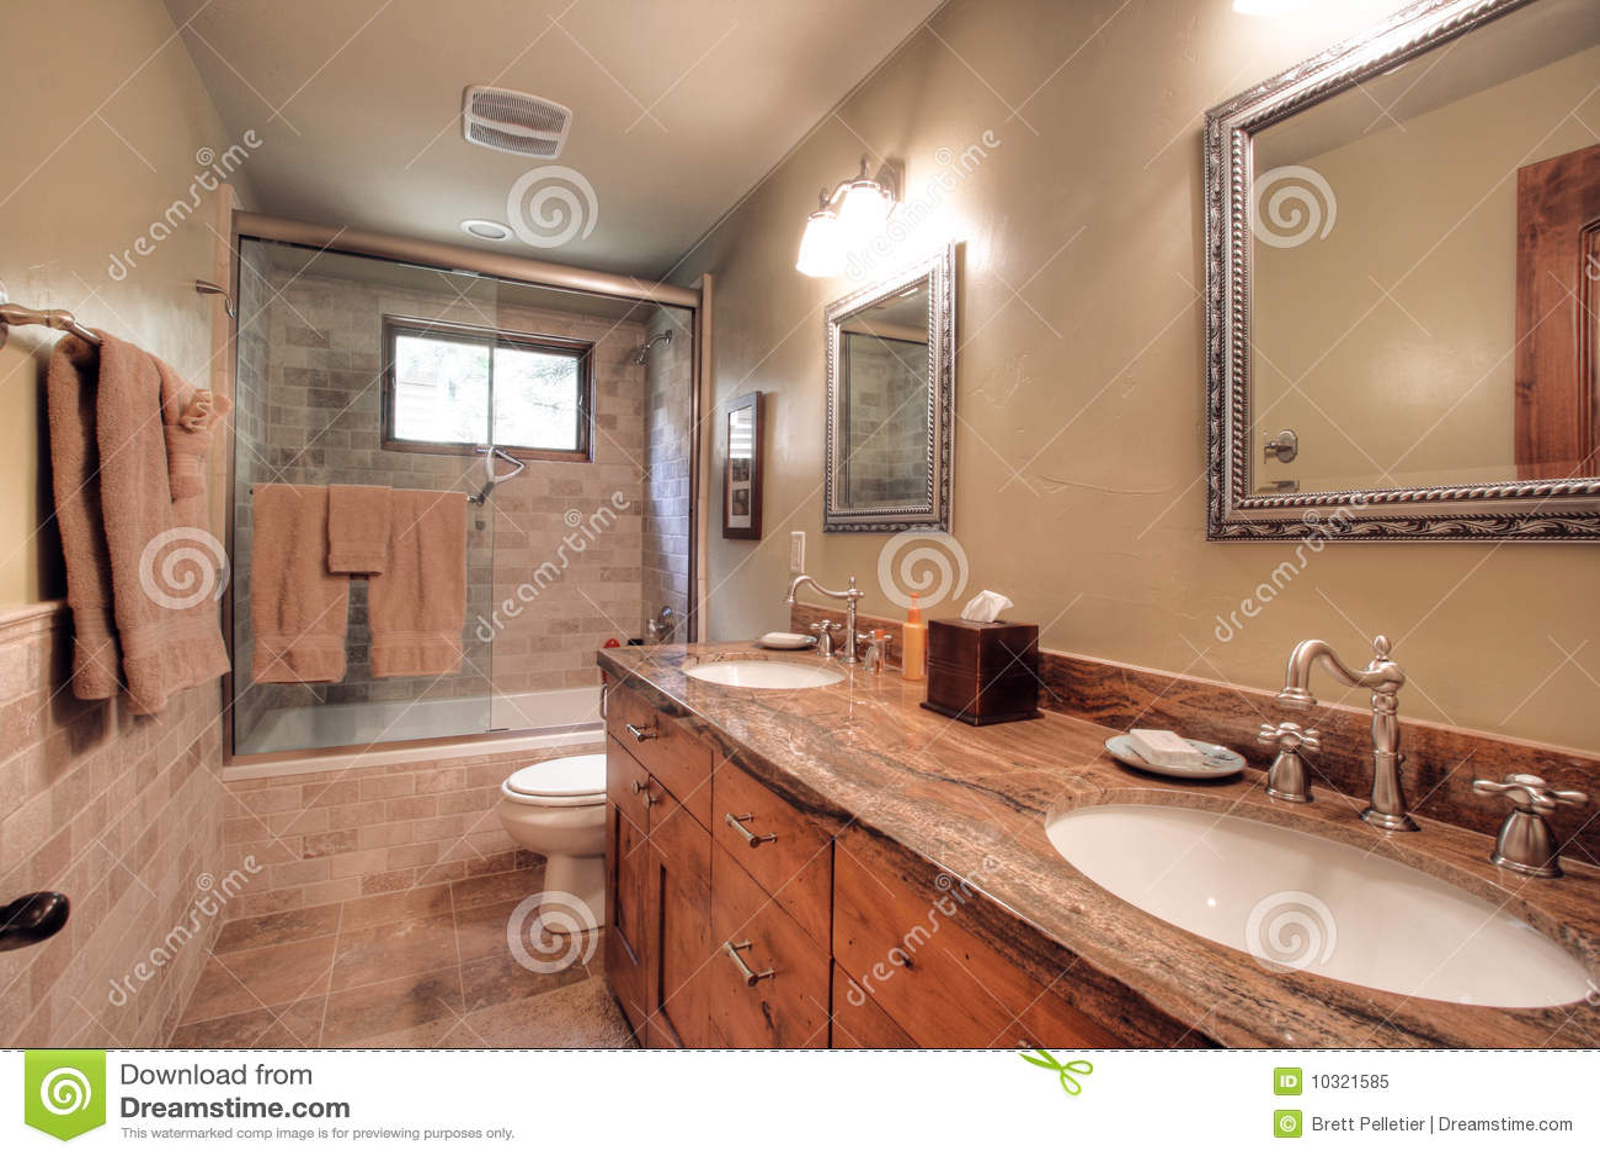 Banheiro Moderno Luxuoso Foto de Stock Royalty Free  Imagem 10321585 -> Banheiro Vintage Moderno